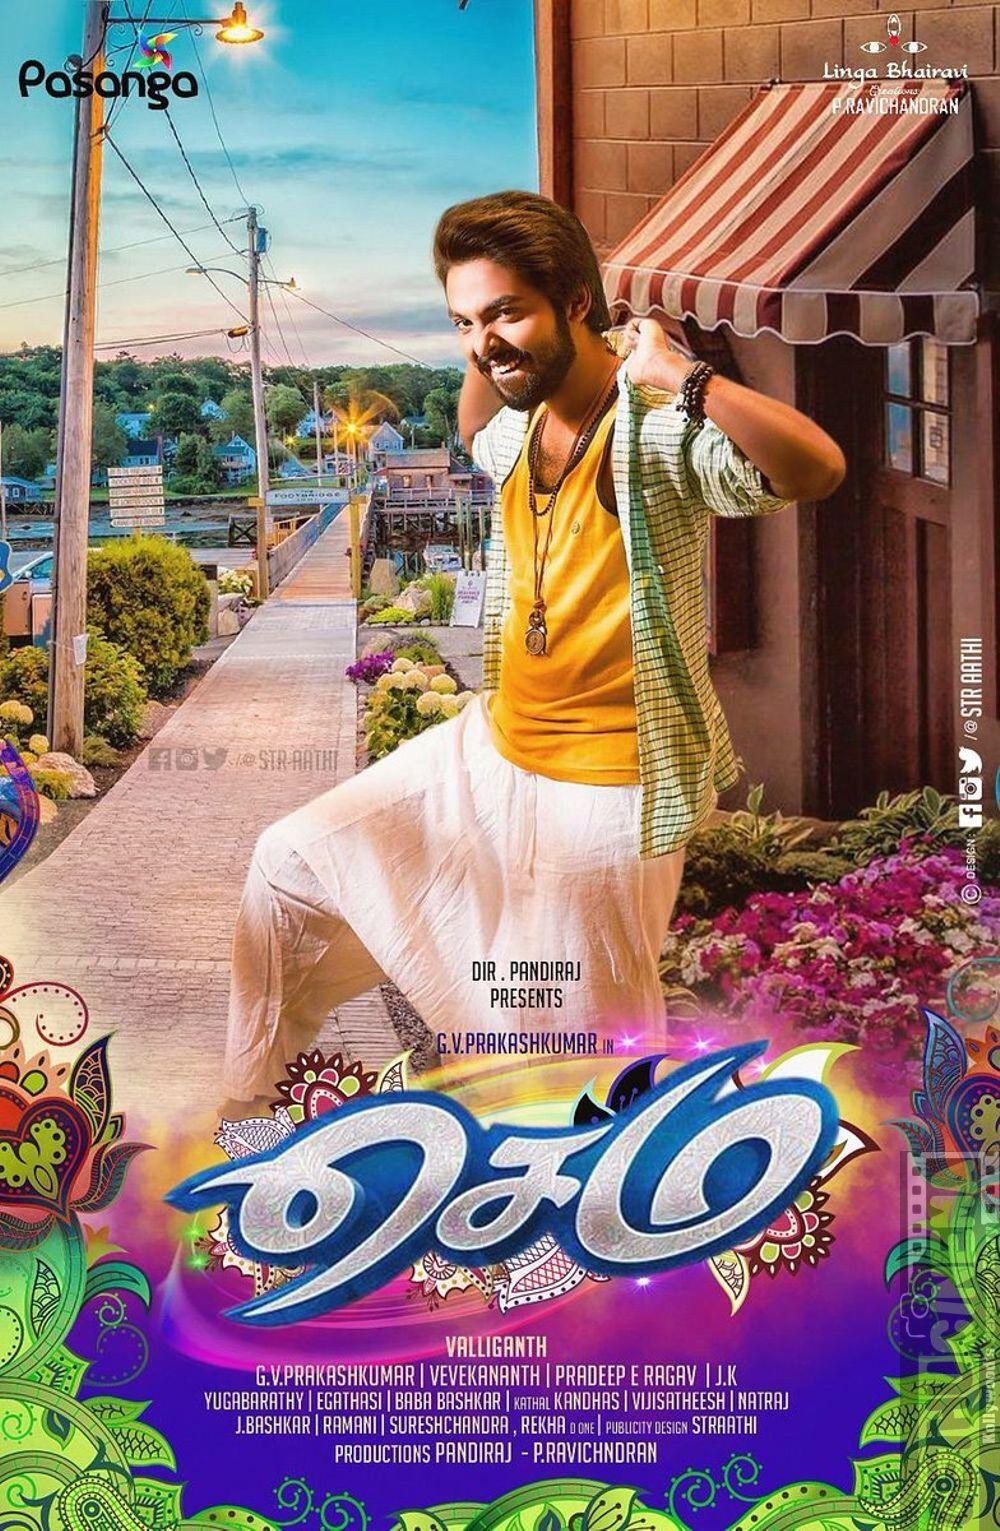 Sema Tamil Movie Official HD Posters | G V Prakash Kumar Aka